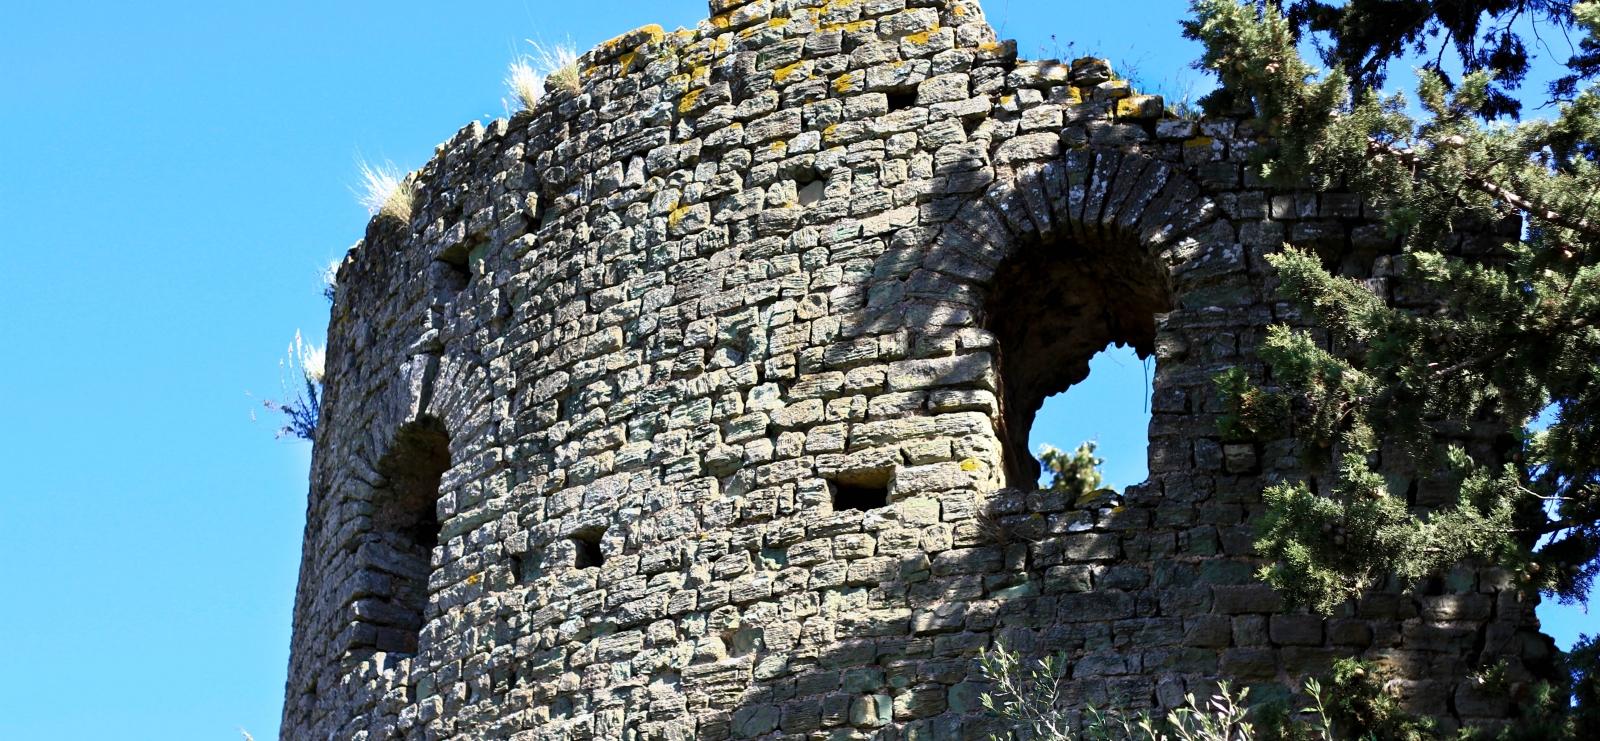 Visite guidée 'Les enceintes médiévale et moderne'